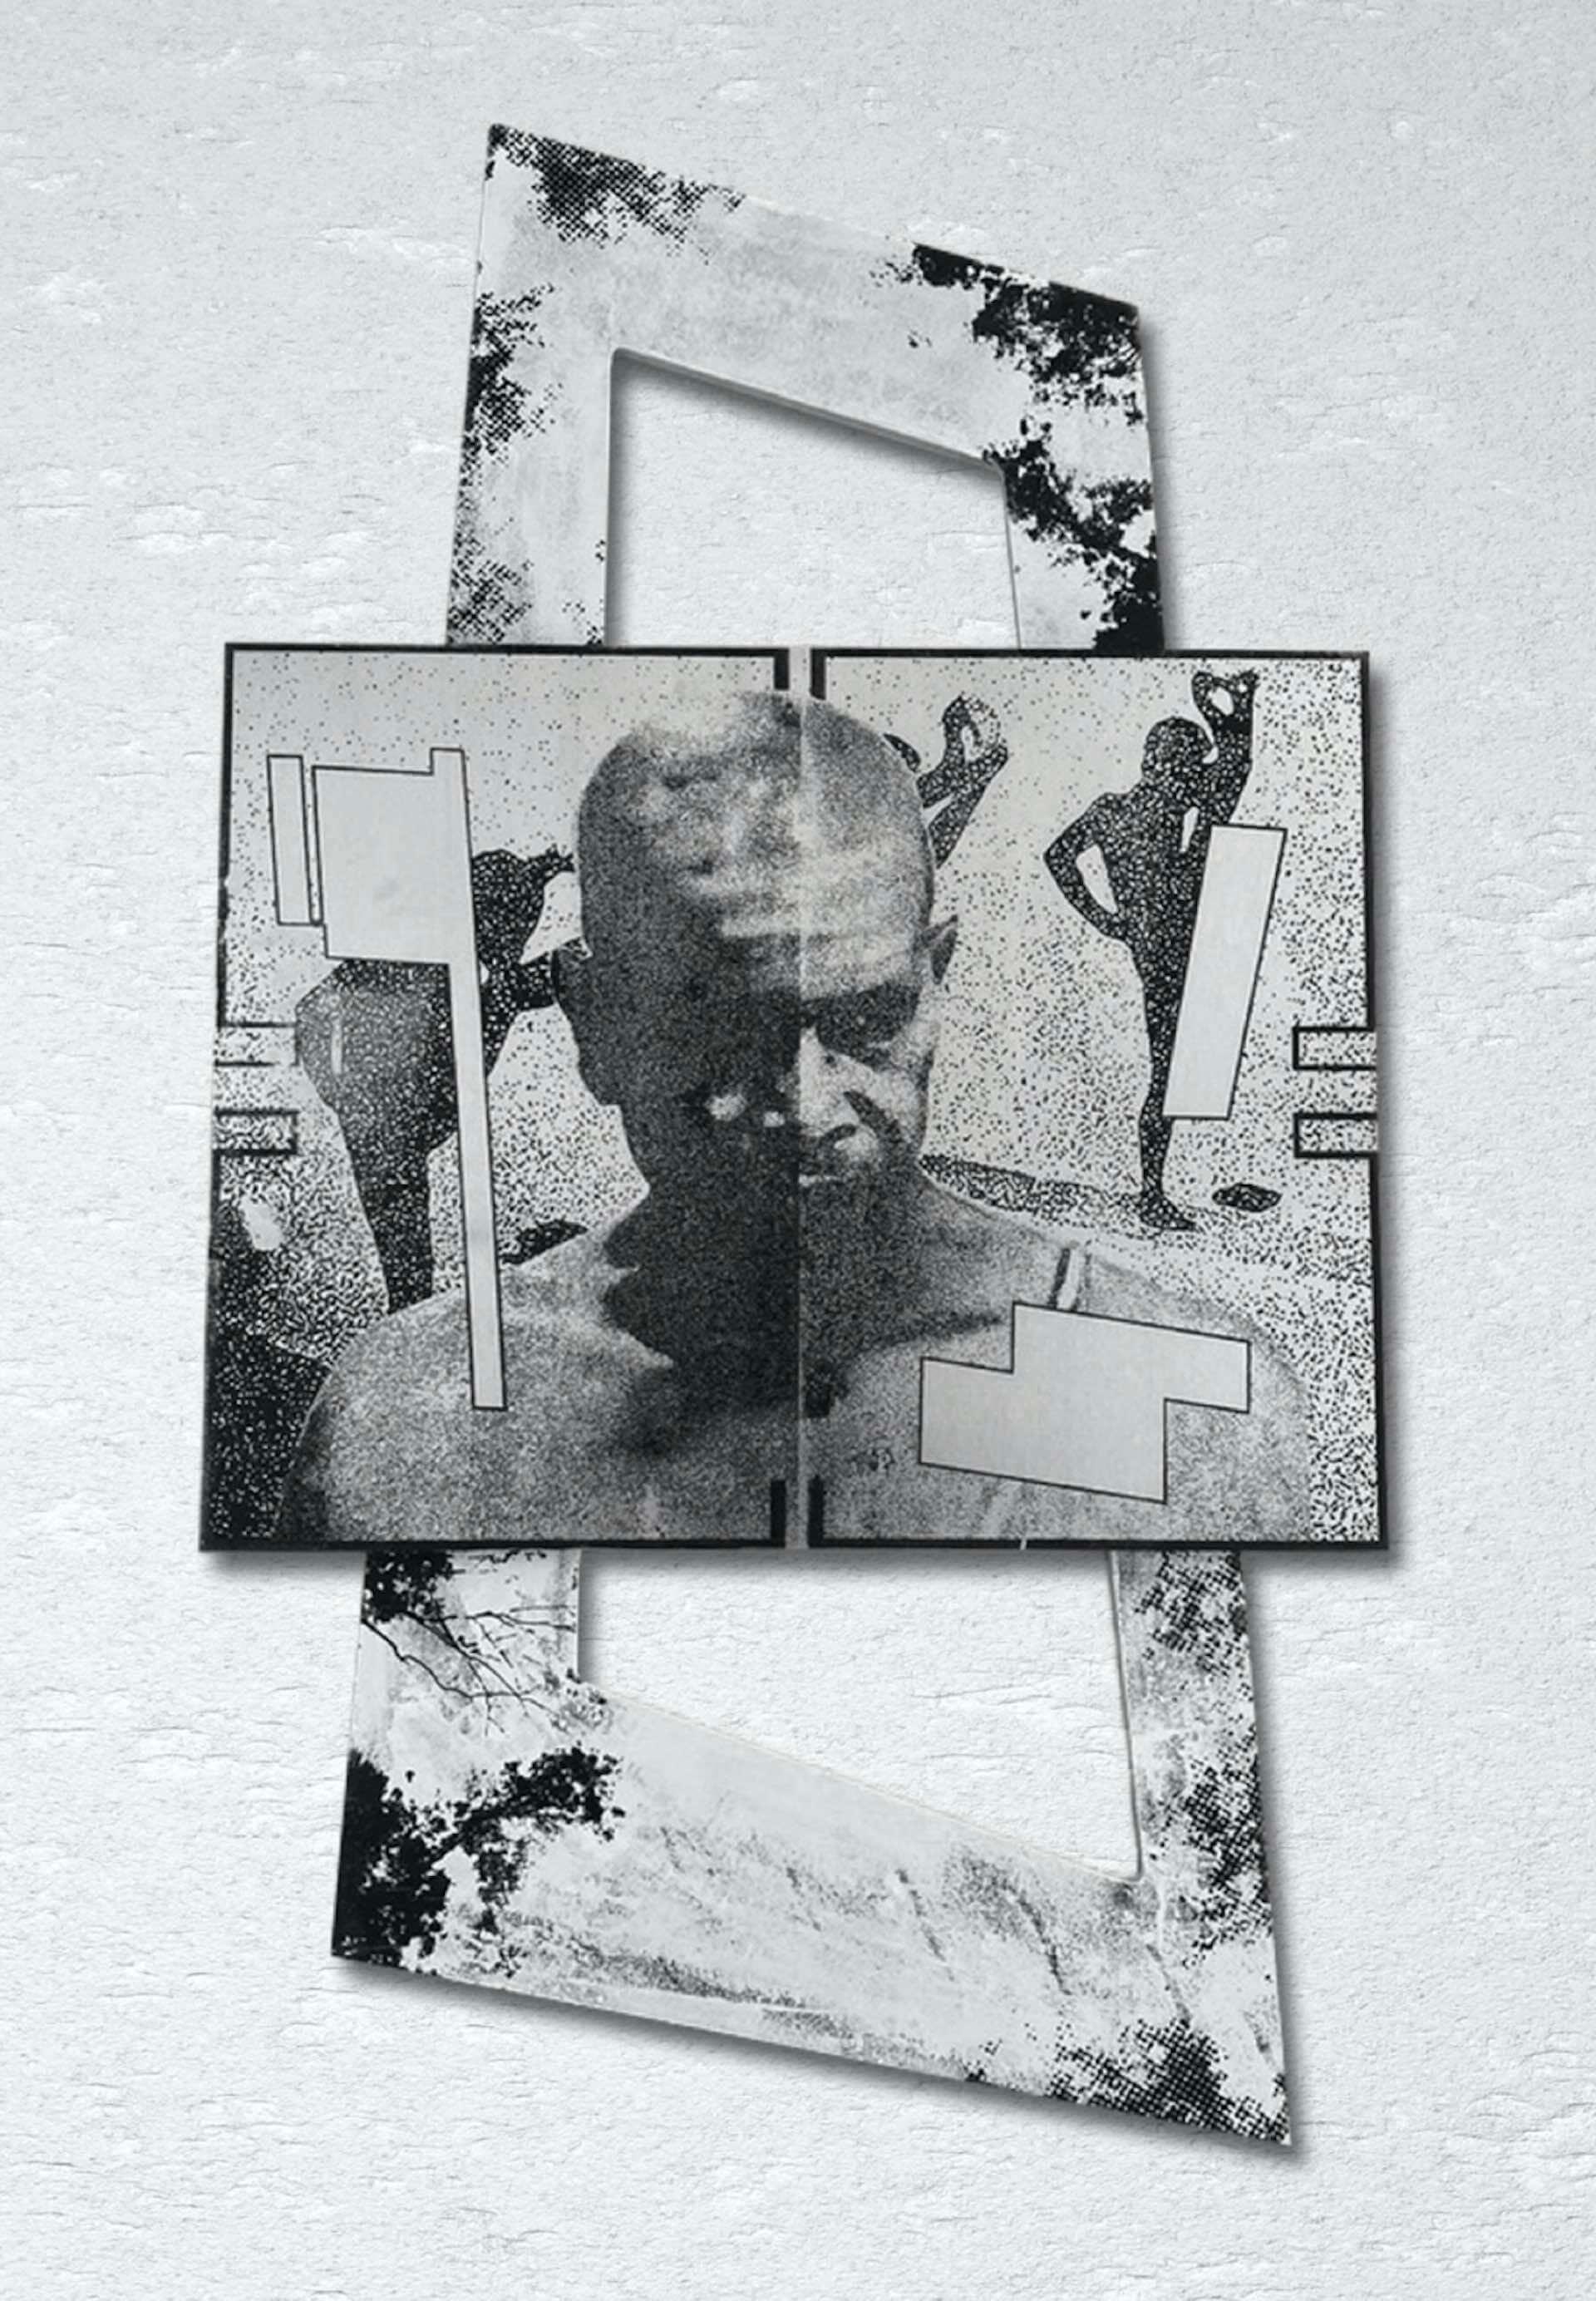 コラージュアーティスト・Yabiku Henrique Yudiの個展<MOTION>がDIESEL ART GALLERYで開催決定!30点以上の新作を展示 art210208_yabiku-henrique-yudi_6-1920x2768